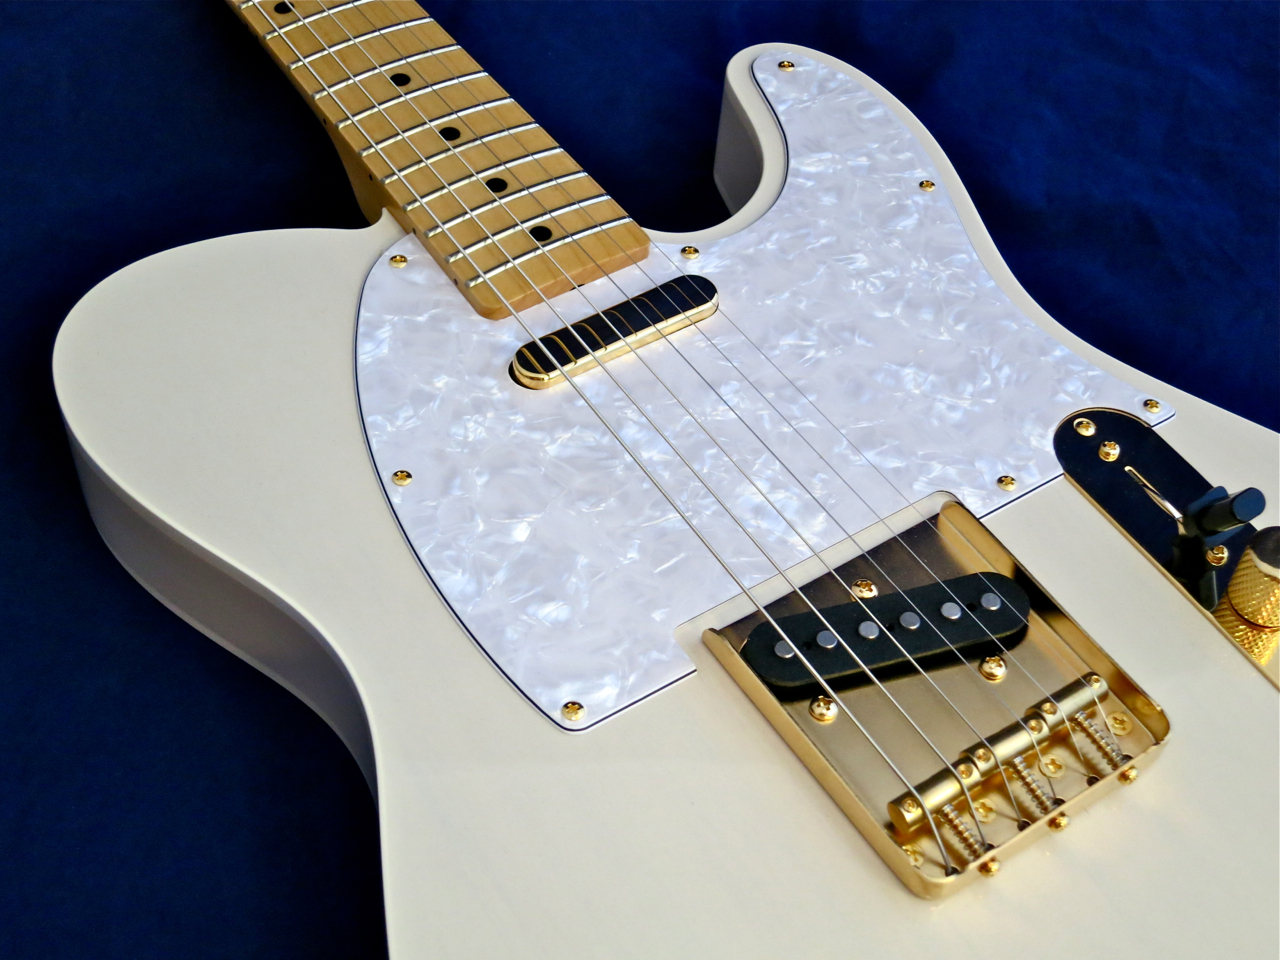 teräskielinen akustinen kitara sebastian salkkarit